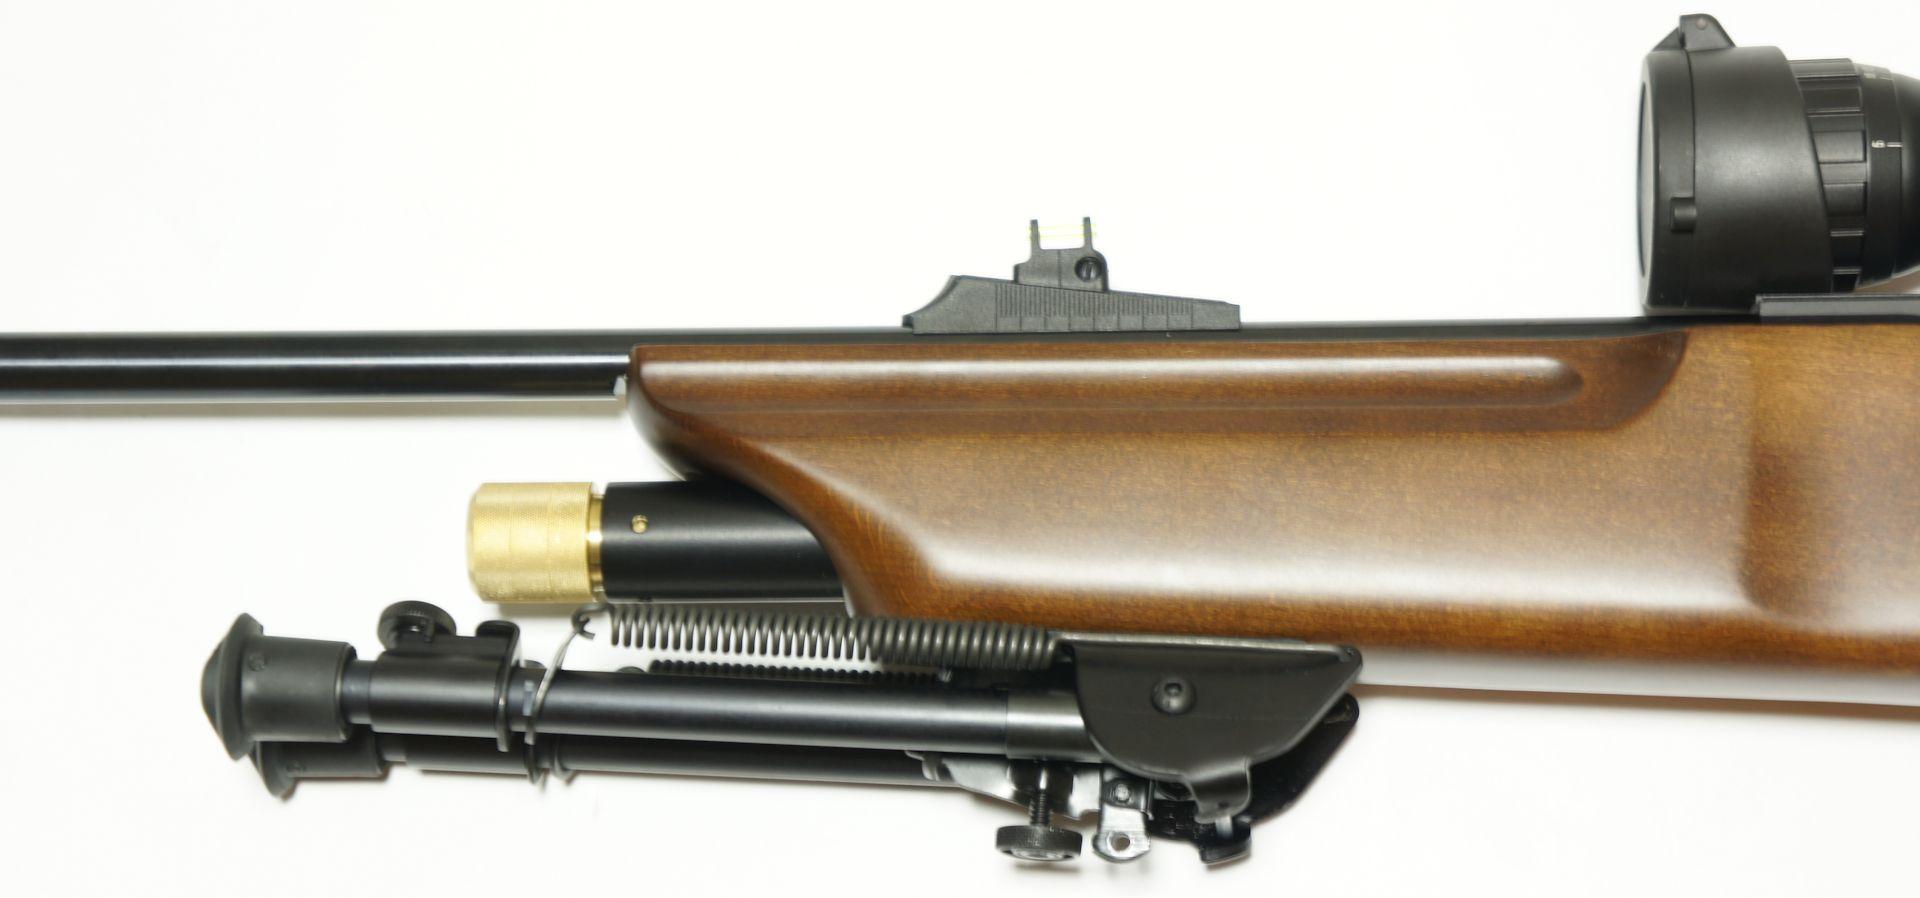 Montagebeispiel am CO2 Gewehr Hämmerli 850 Airmagnum. Das Zweibein ist qualitativ für hochwertige Jagd- und Sportwaffen konzipiert